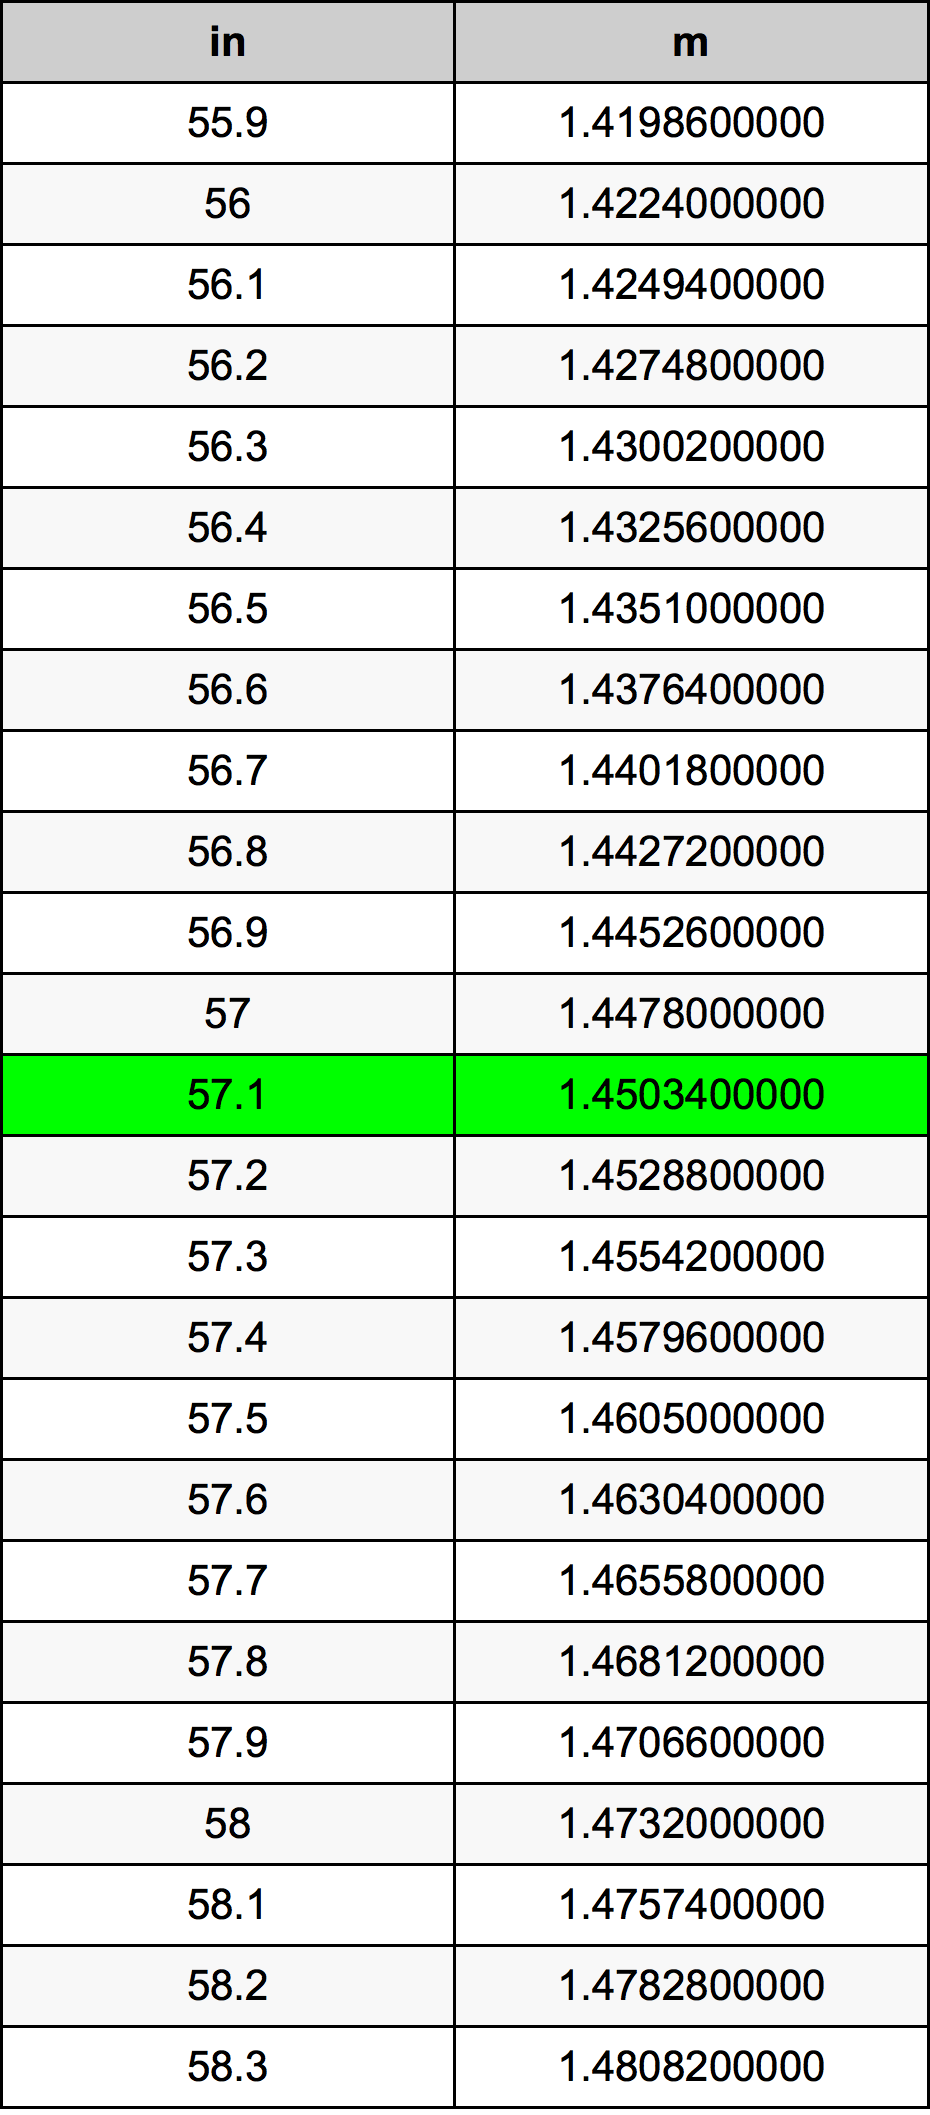 57.1 Palec prevodná tabuľka